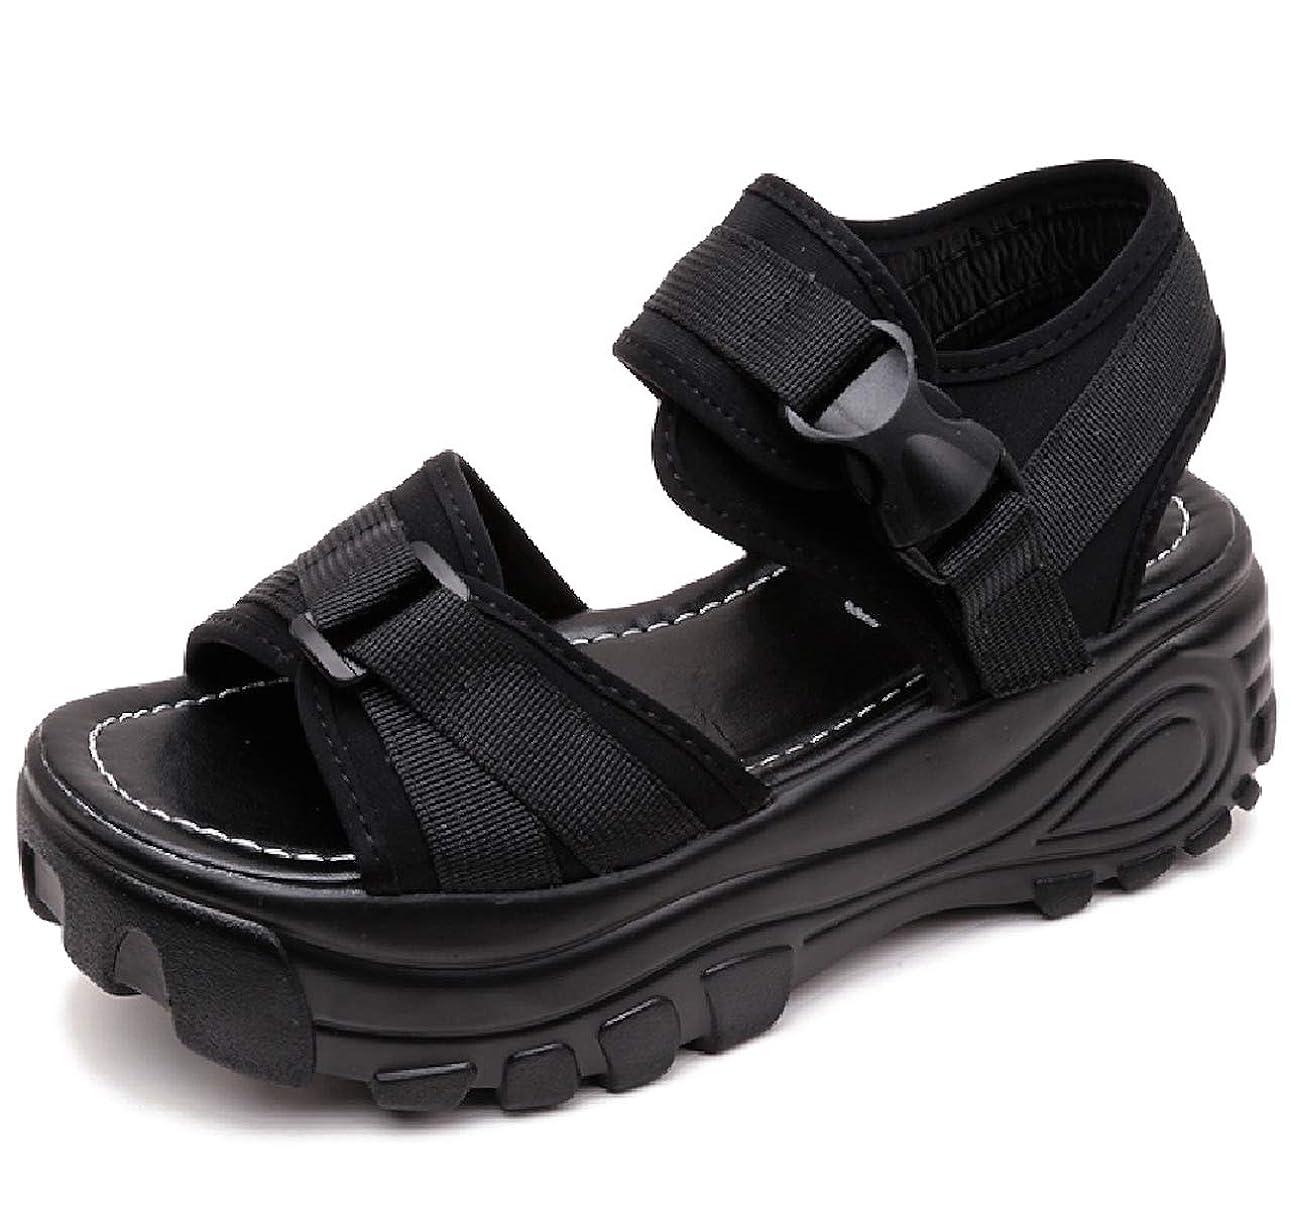 粘土植物の浸した[ココマリ] レディース 厚底 サンダル 軽量 歩きやすい コンフォート シューズ スポーツサンダル ストラップ 靴 スニーカー